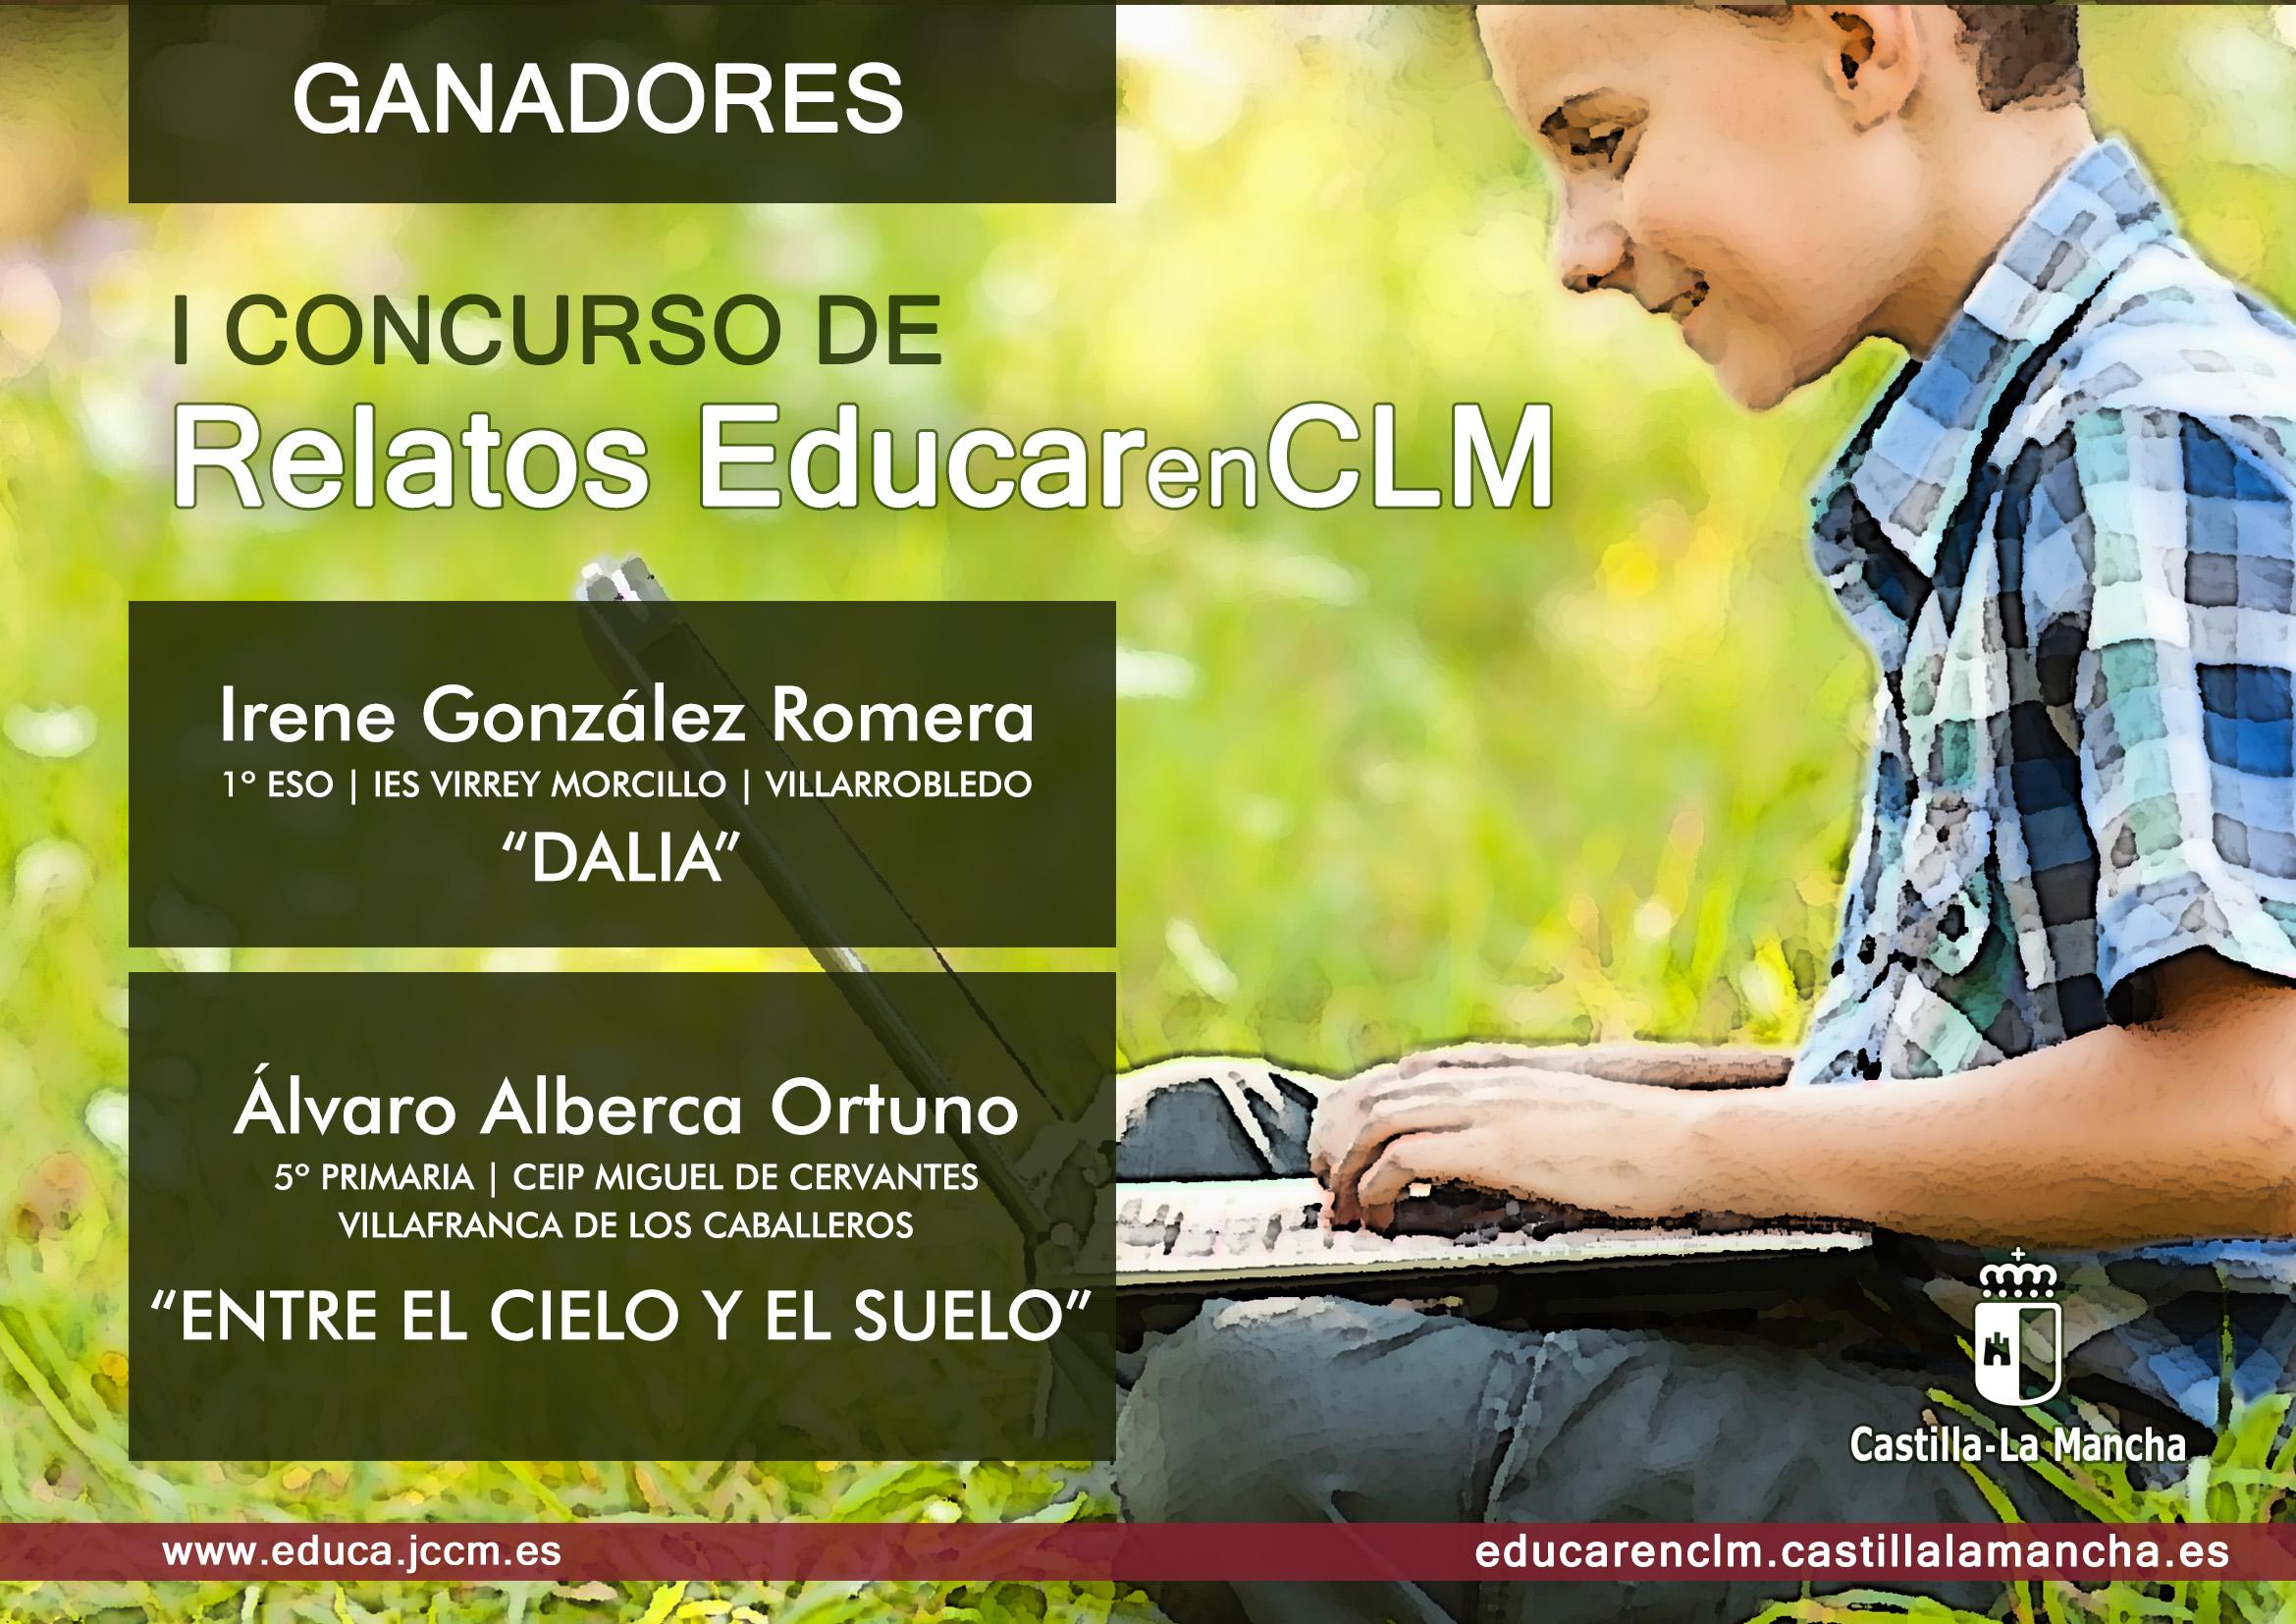 Relatos ganadores del I Concurso de Relatos de EducarenCLM